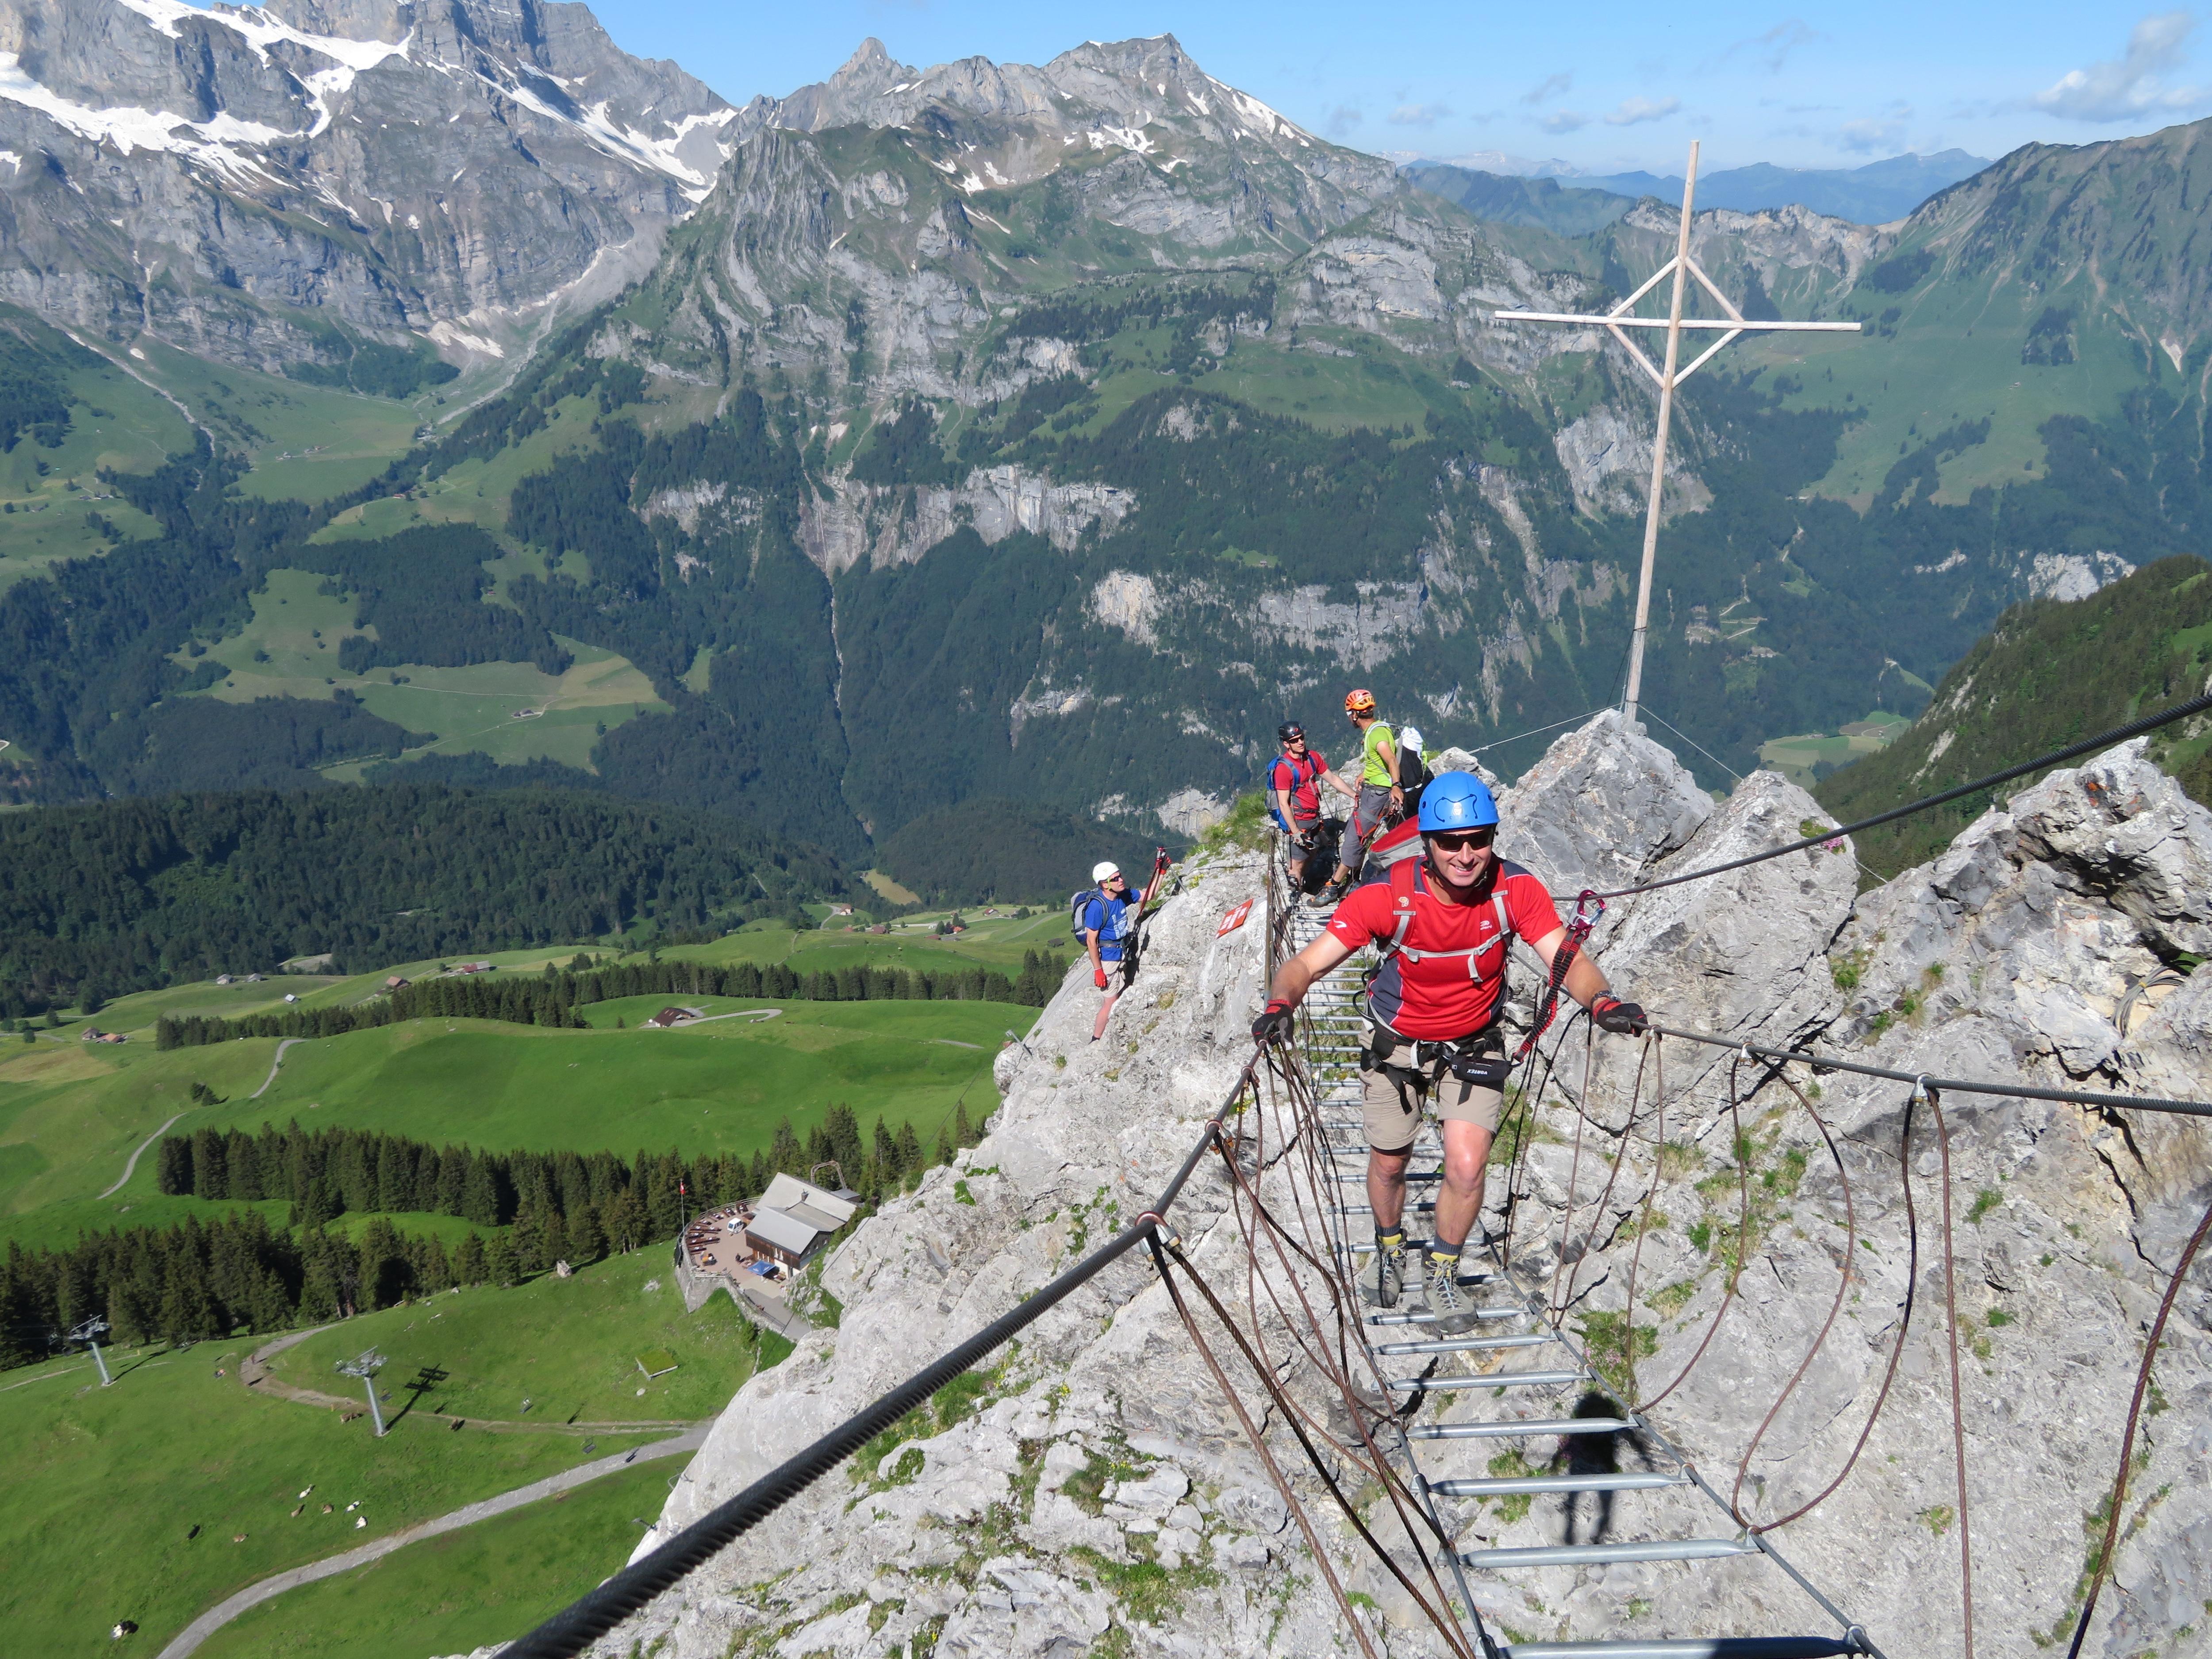 Klettersteig Bern : Klettersteige schweiz bergwelten